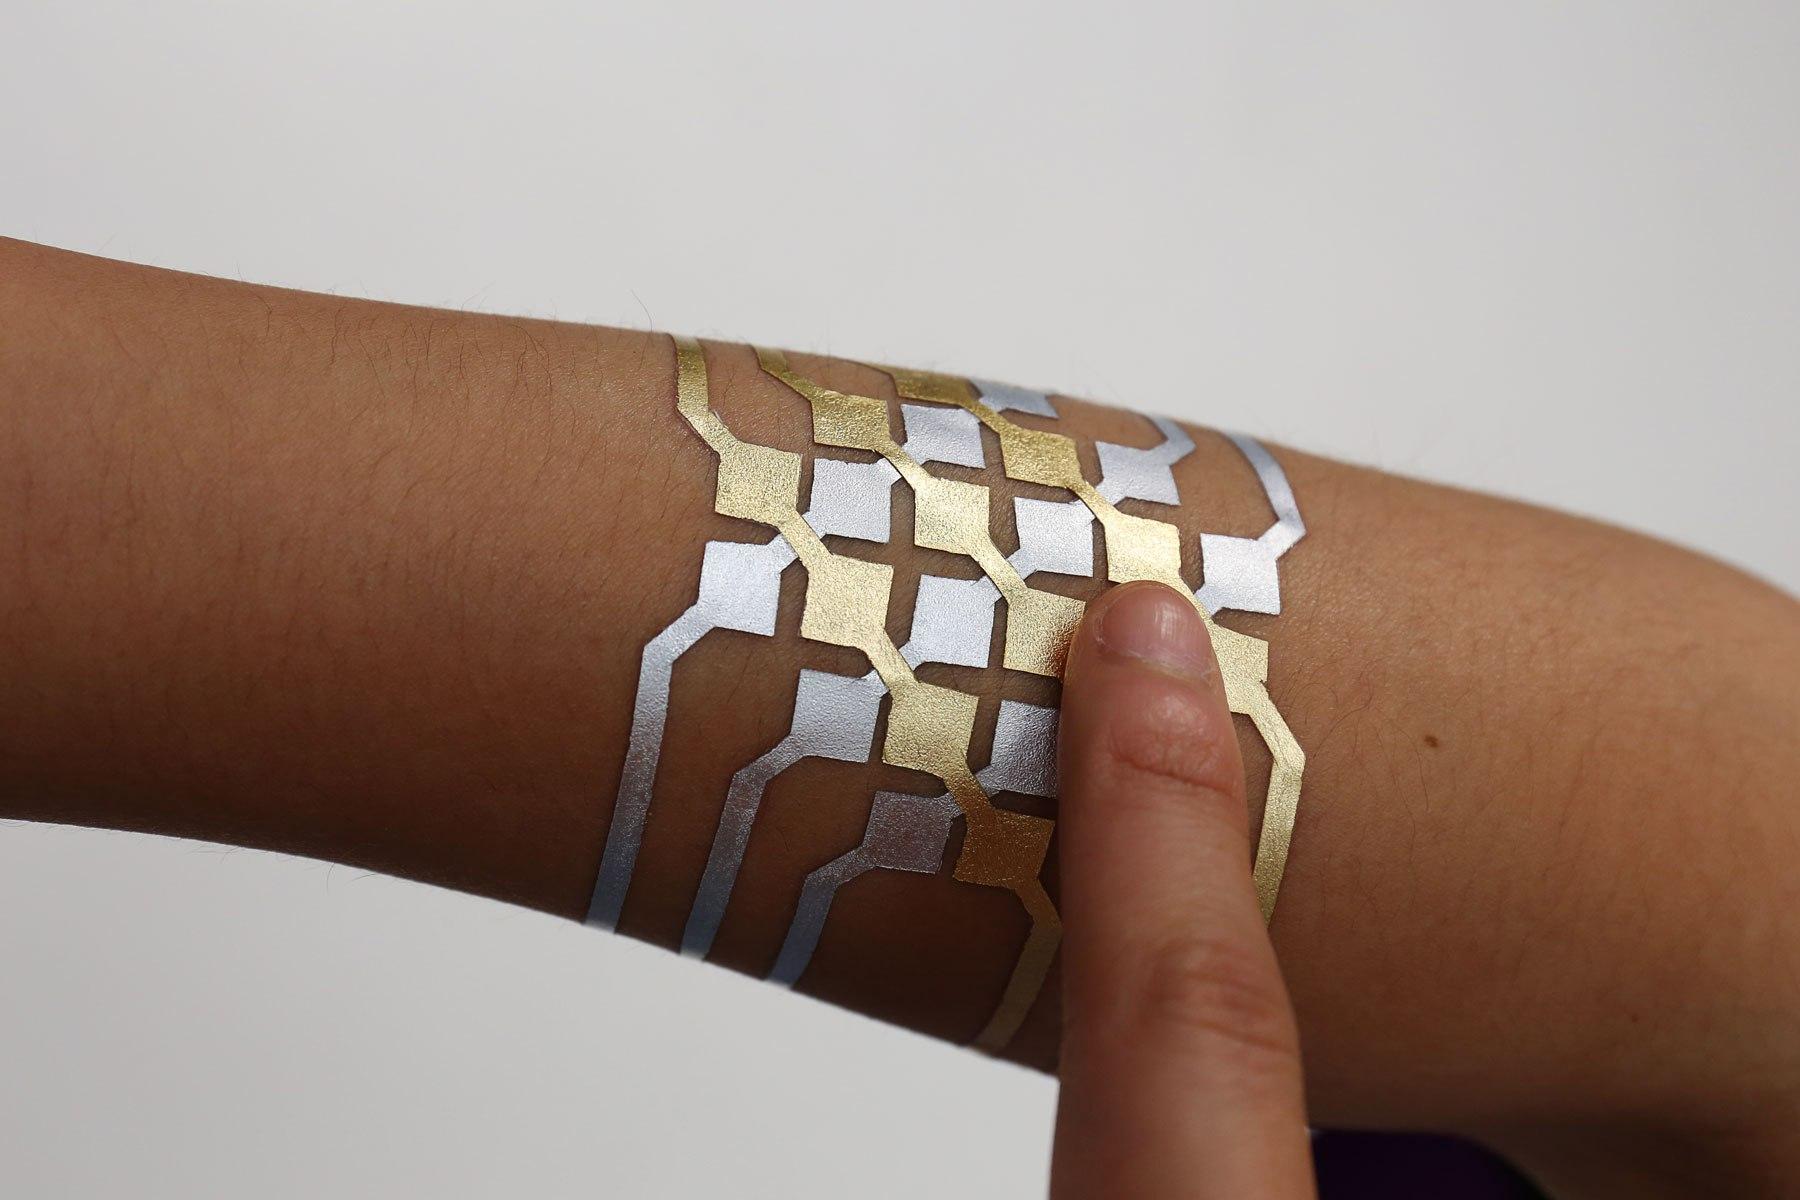 Un tatuaggio d'oro rivoluziona la tecnologia: ecco perchè